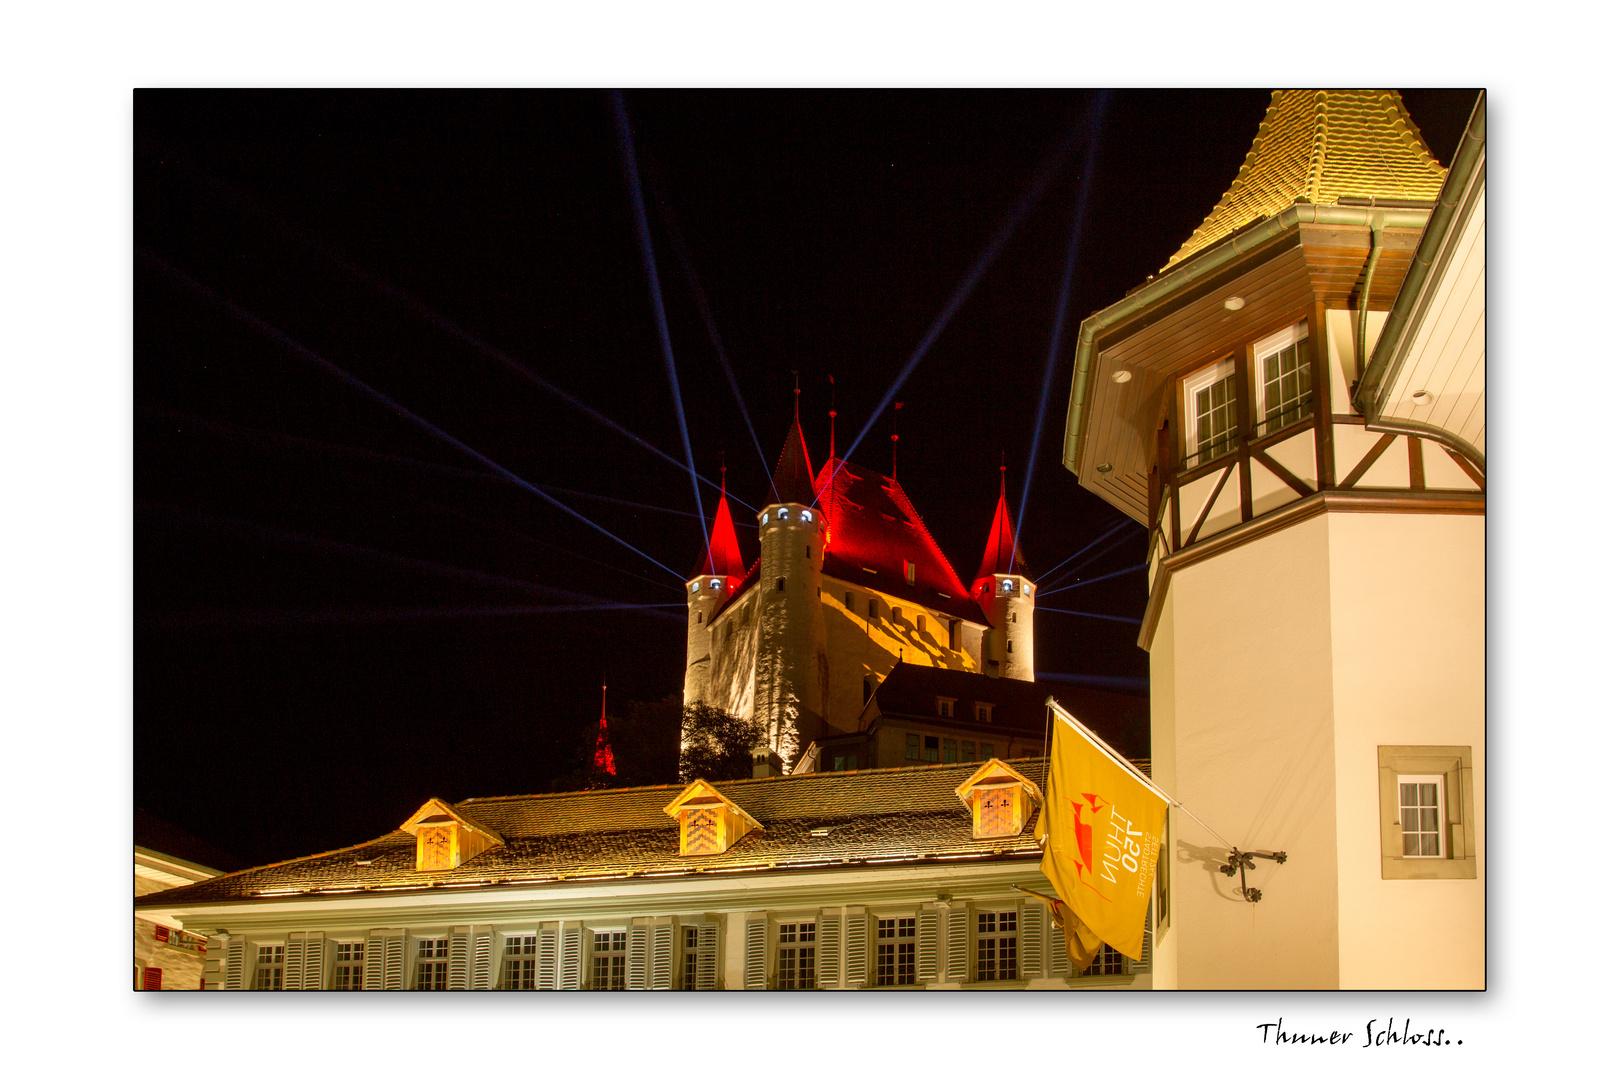 Thuner Schloss..